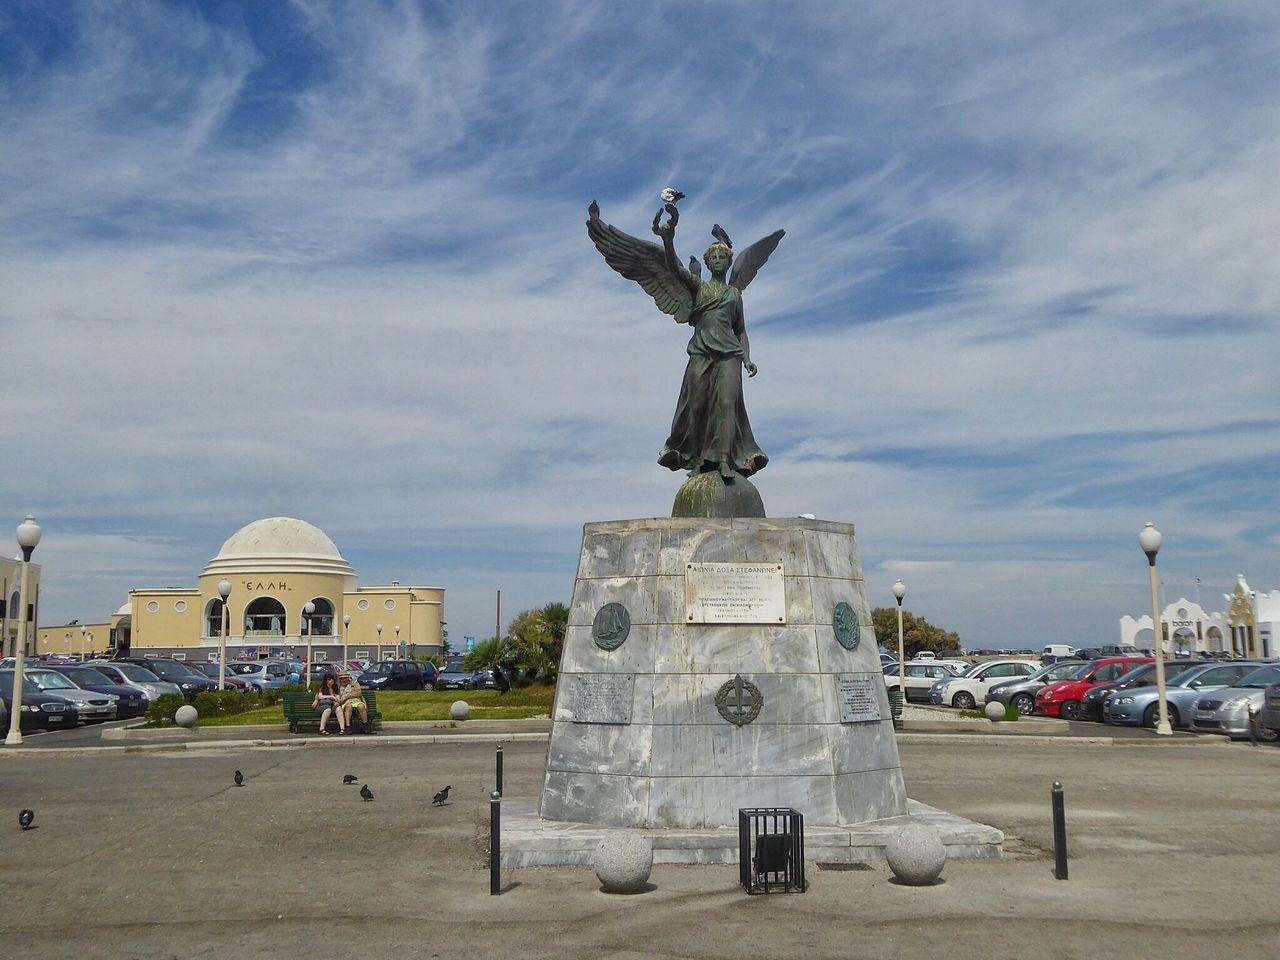 Rhodos Rhodos, Greece  Rhodes Ródos Rodos Greece Greece GREECE ♥♥ Statue Statues